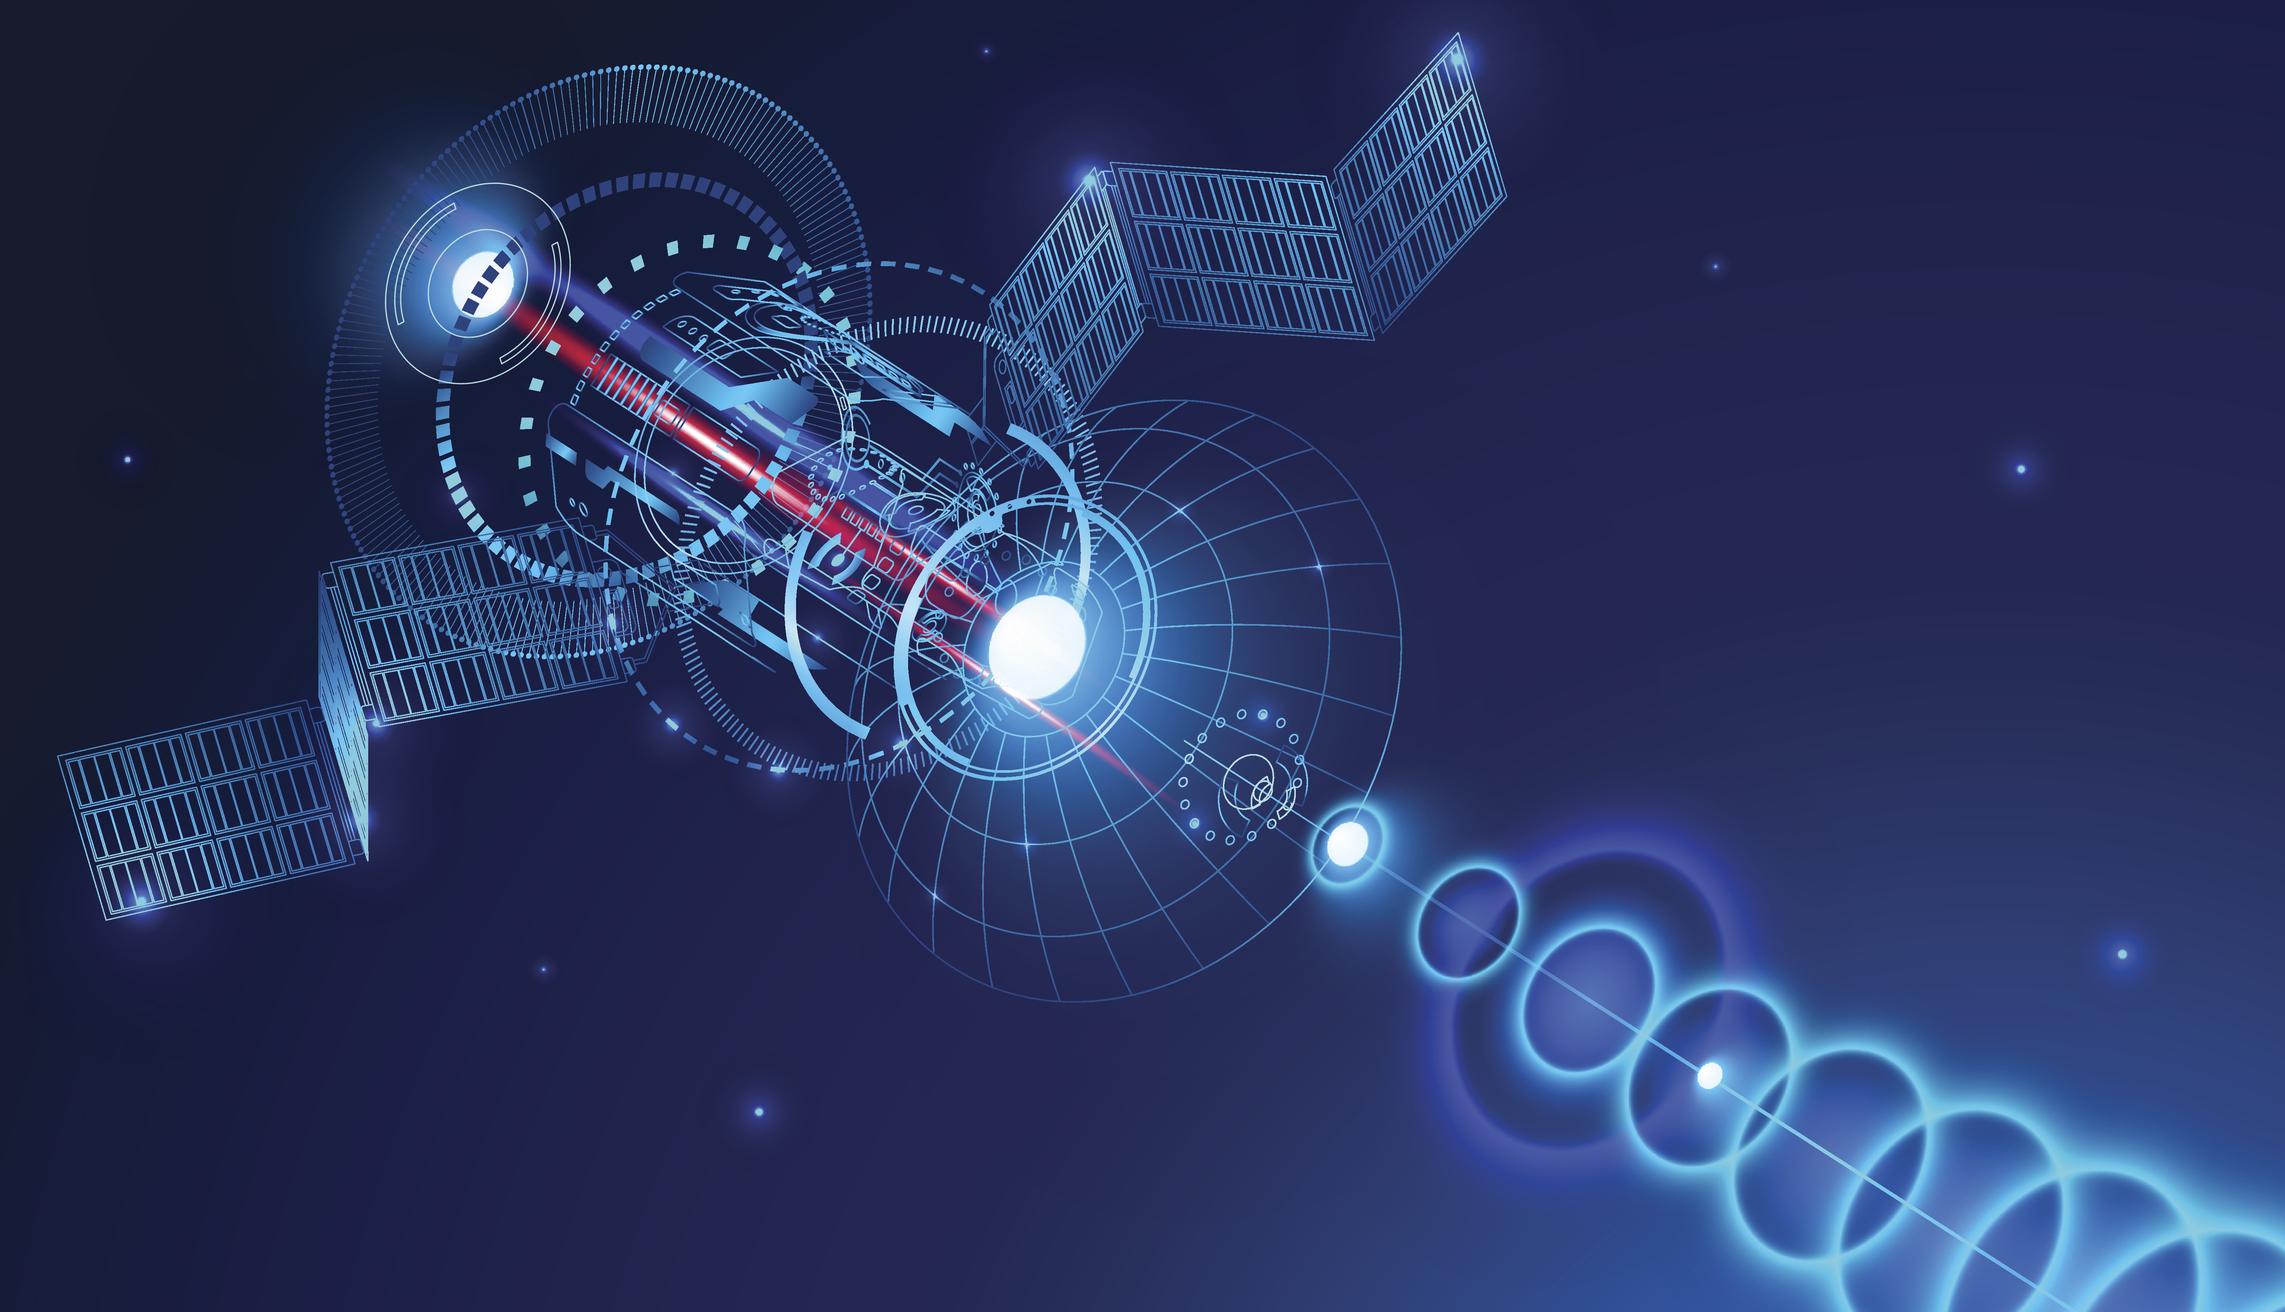 Satellite beaming a transmission